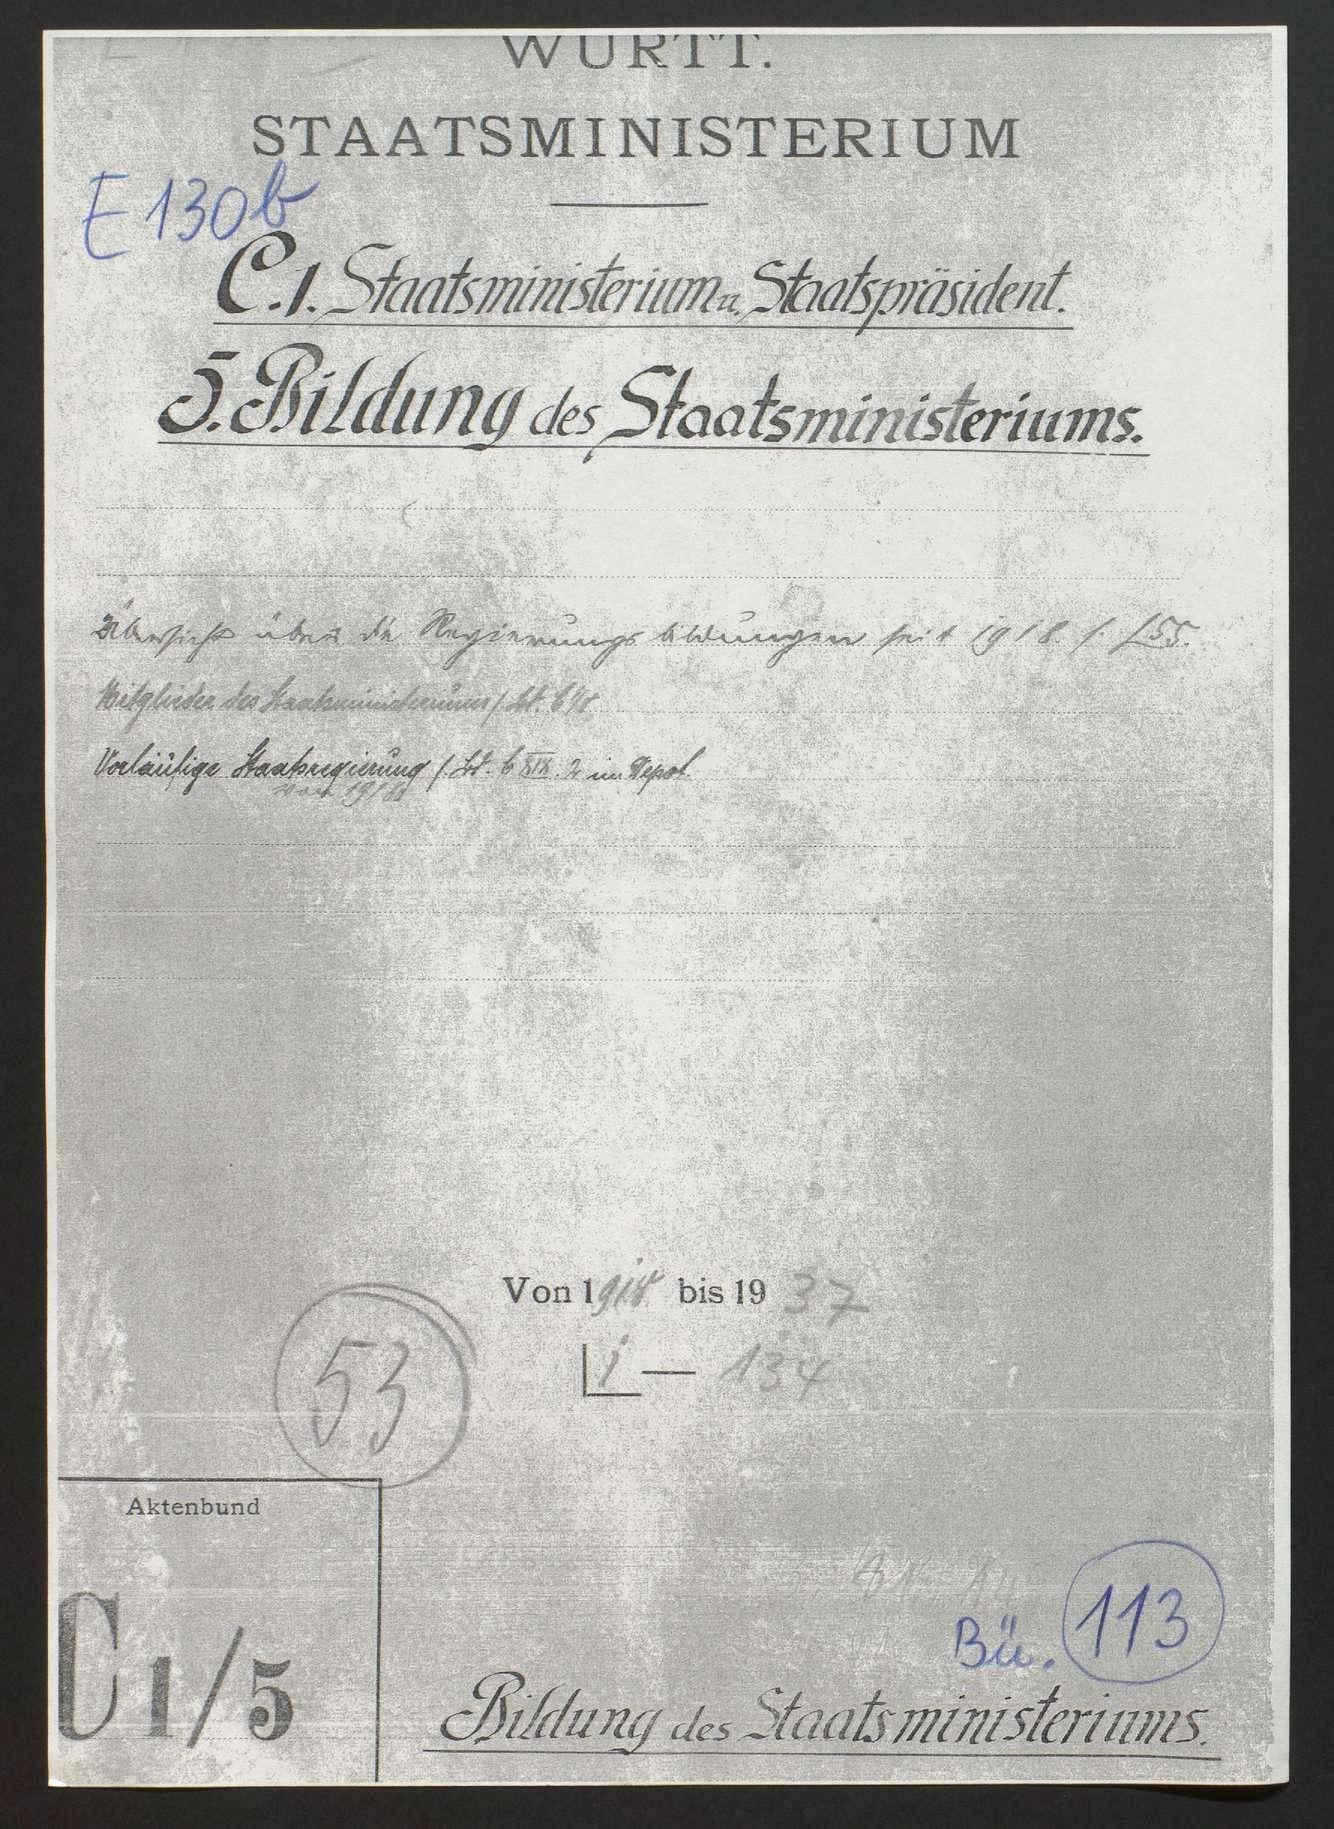 Bildung, Erweiterung, Umbildung und Rücktritt der Landesregierung, Bild 1